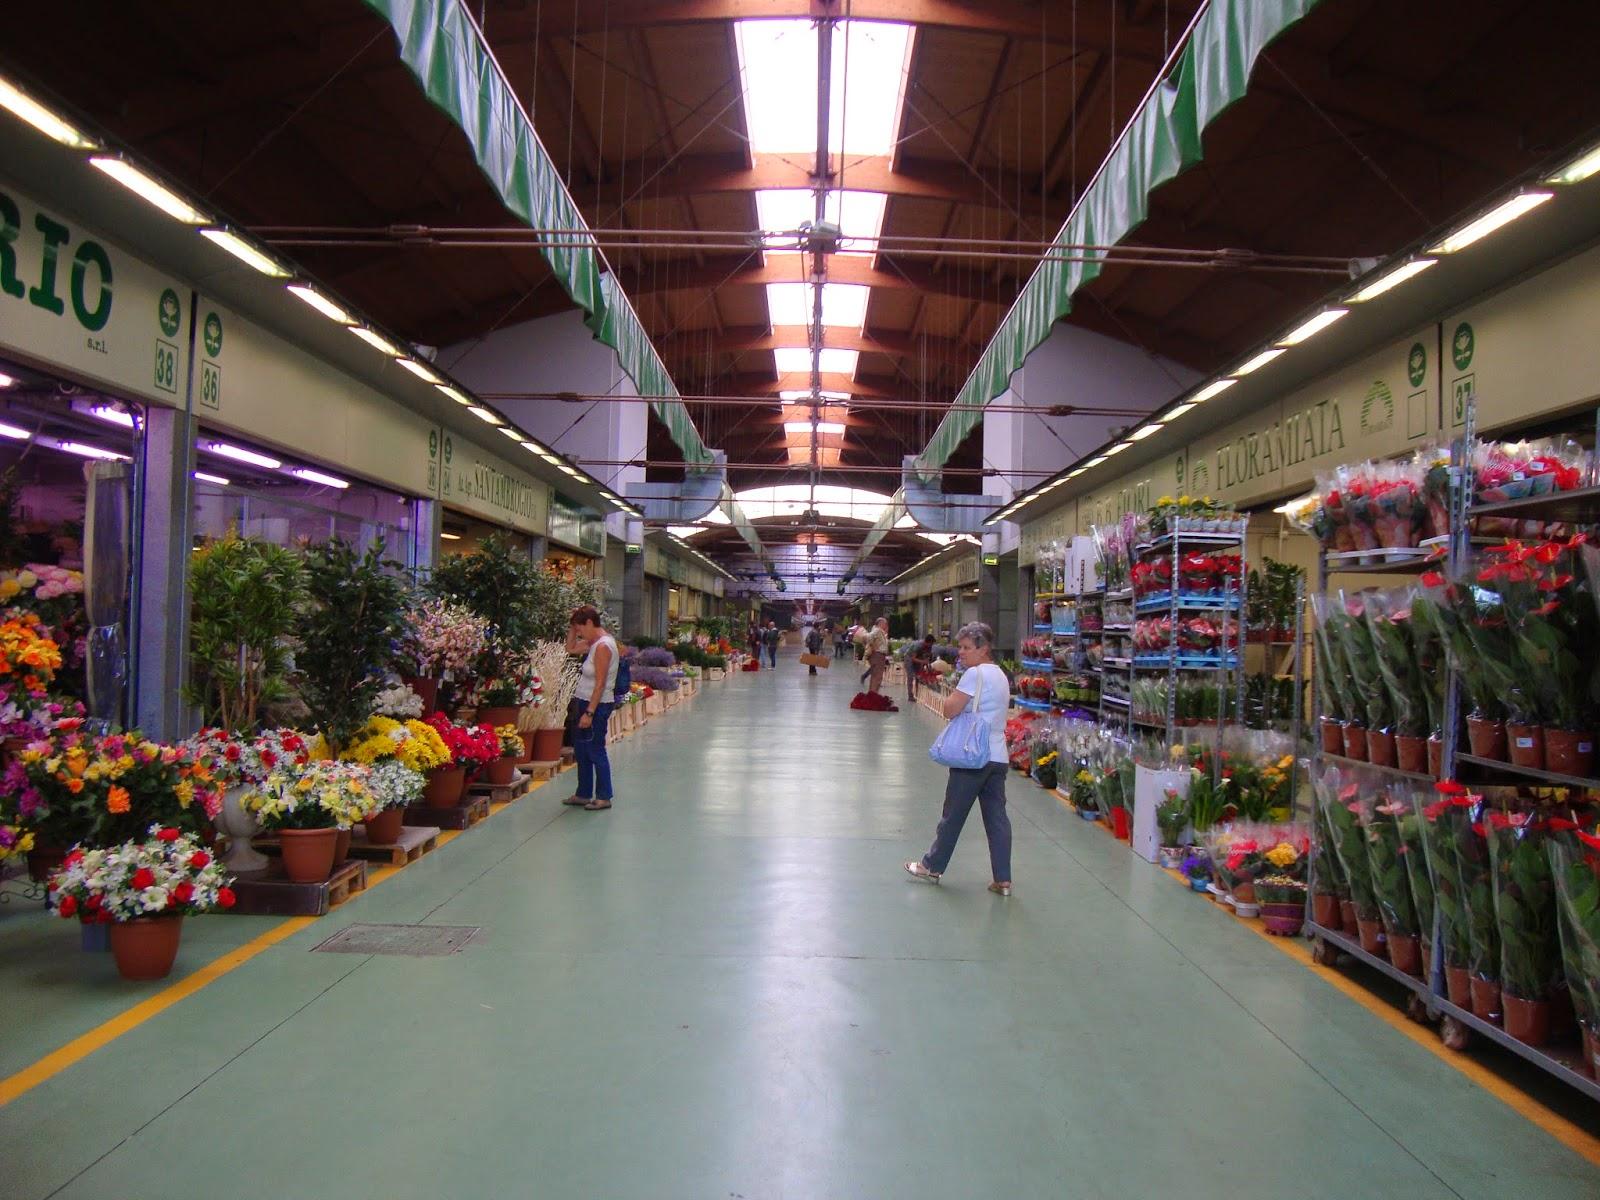 il mercato floricolo area mercati generali milano zero